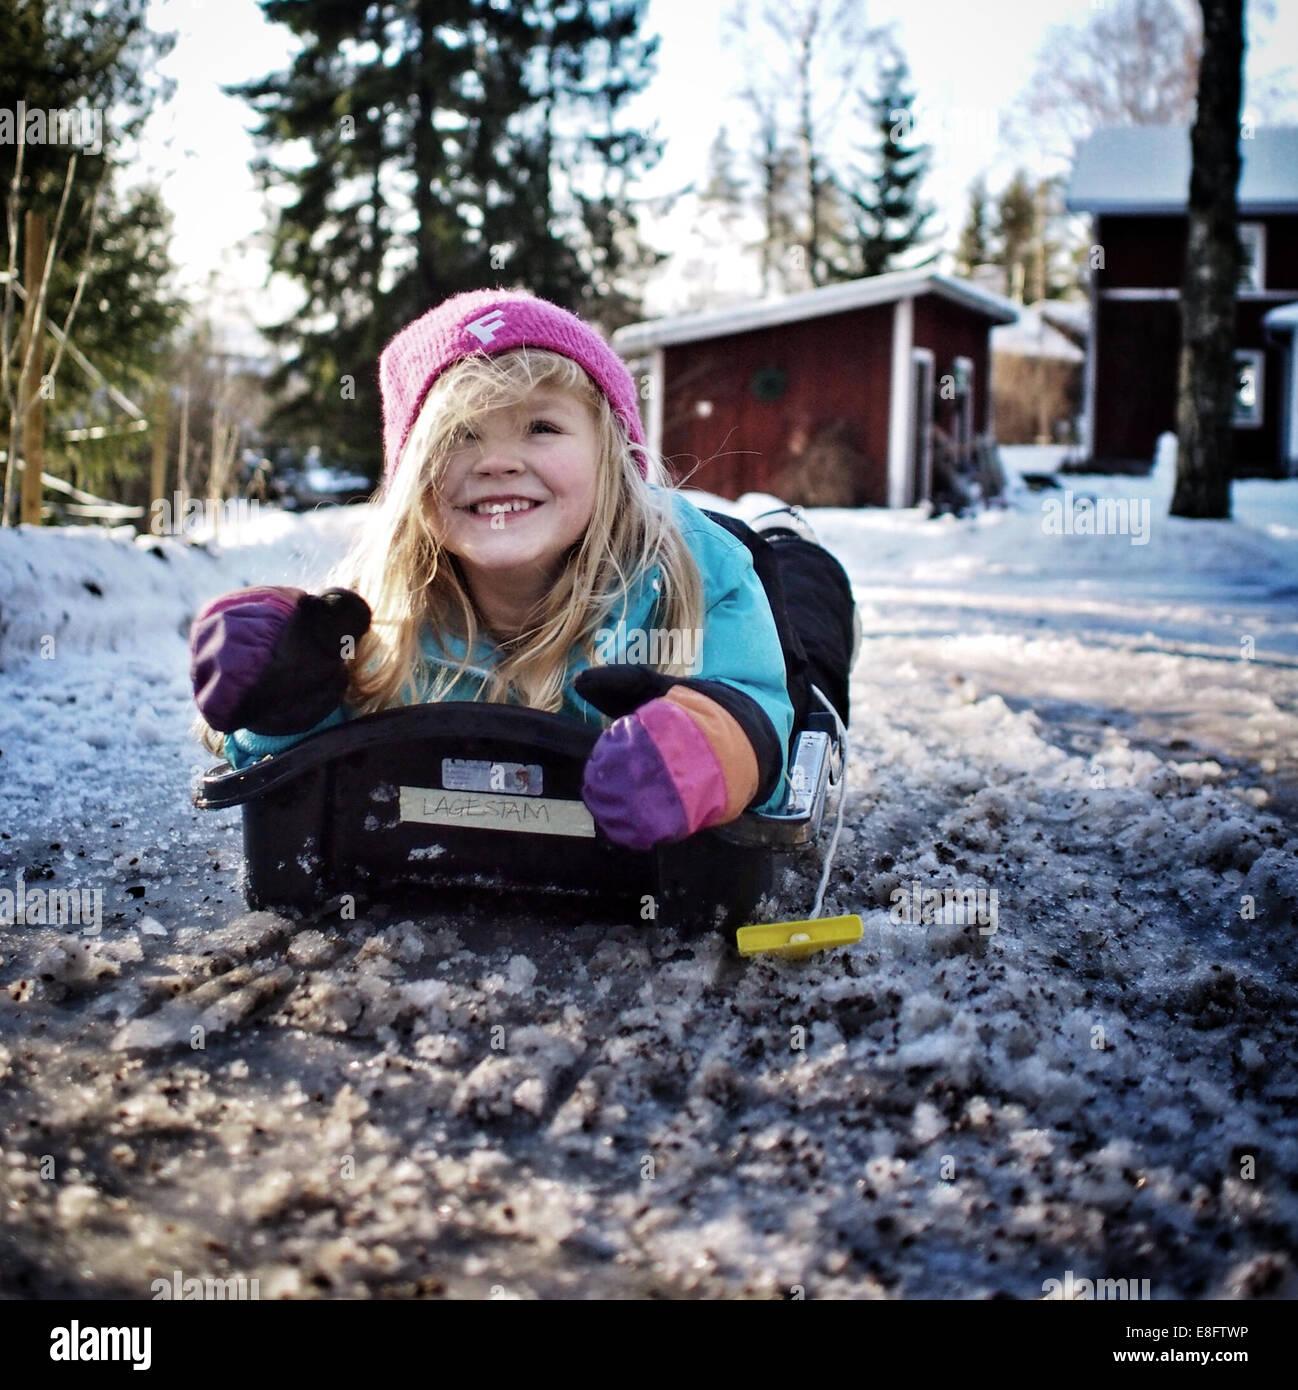 Suecia, Niña (6-7 años) tumbado sobre trineos Imagen De Stock